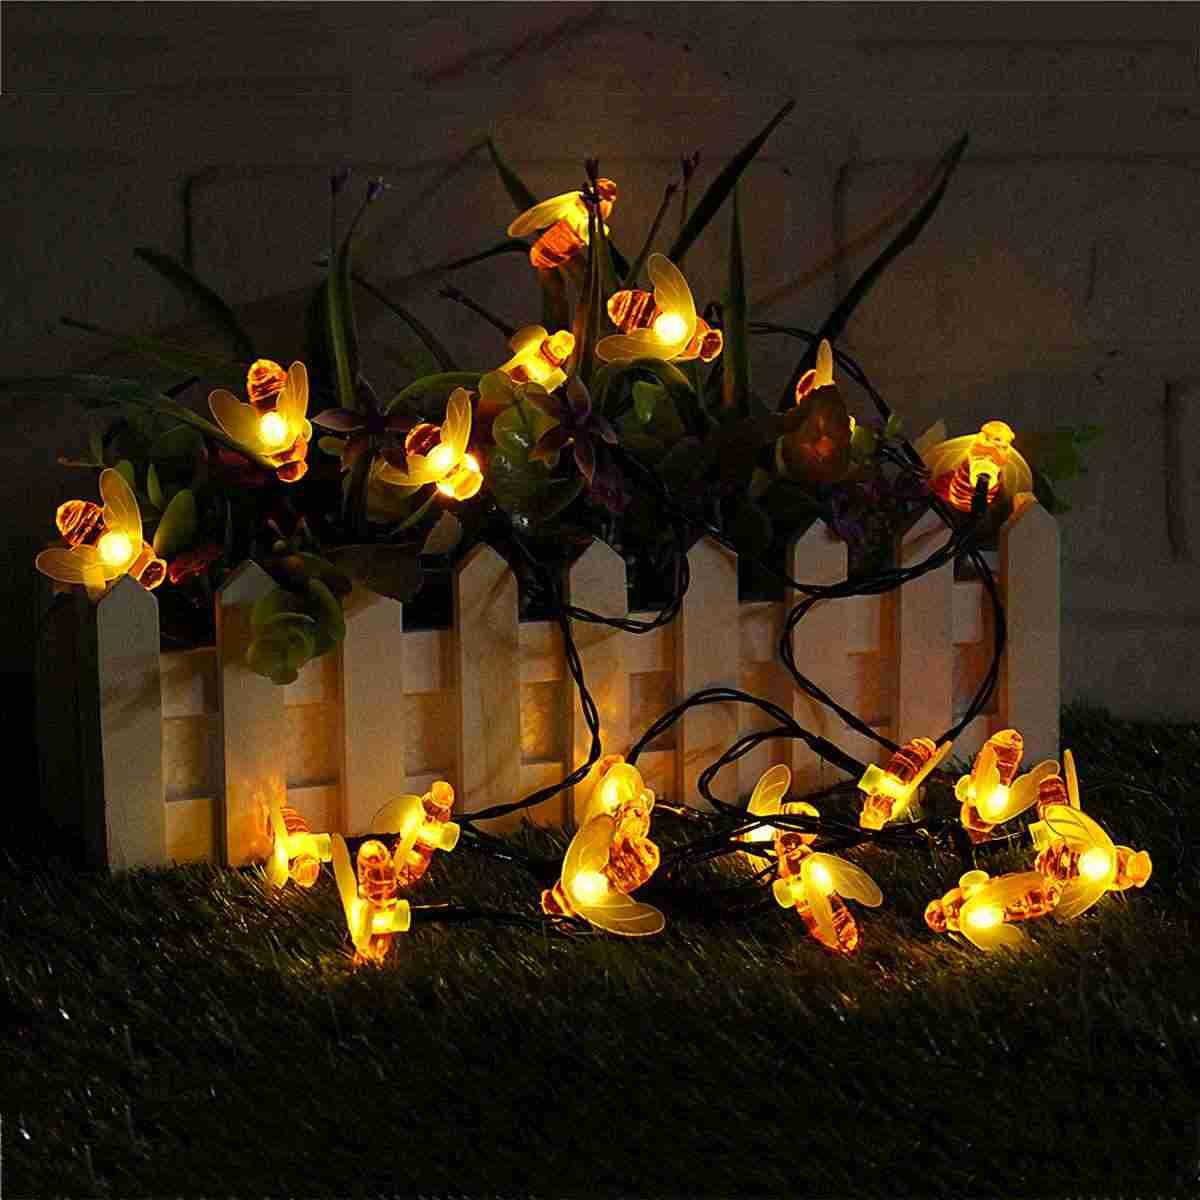 30 светодиодный гирлянда с солнечной батареей, медовая пчела, праздничное освещение, Открытый сад, водонепроницаемая Подвесная лампа, вечерние украшения, 6,5 м